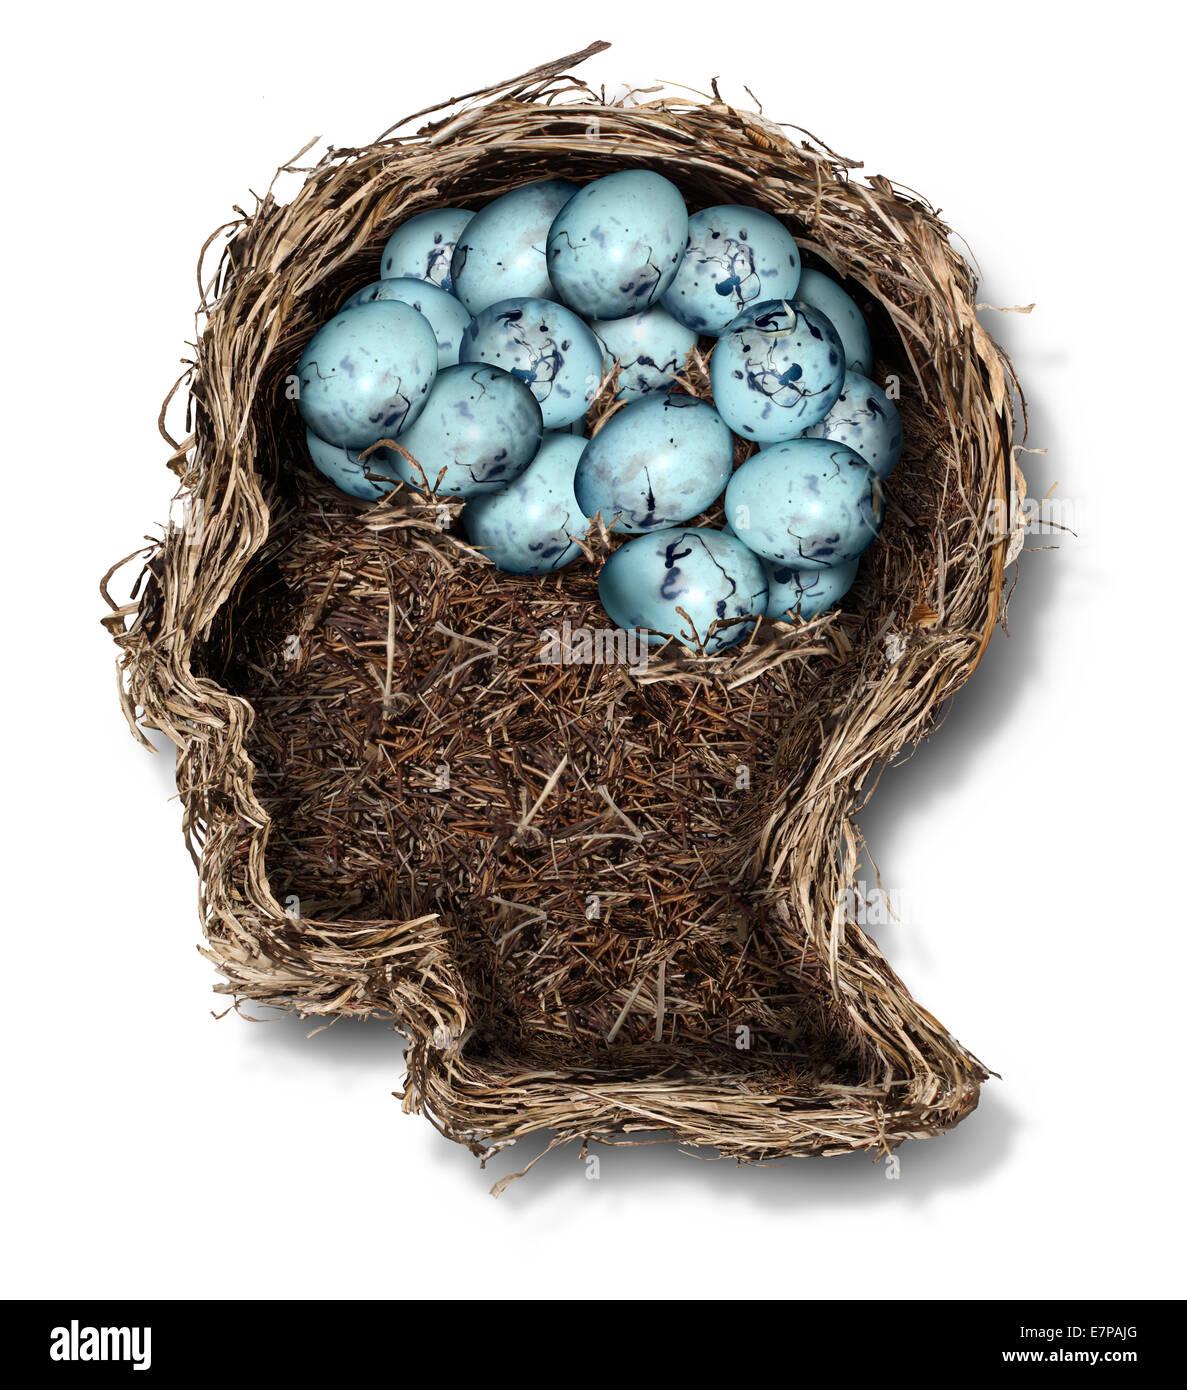 La protection de la santé mentale du cerveau concept comme un nid d'oiseau en forme de tête humaine et le visage Banque D'Images